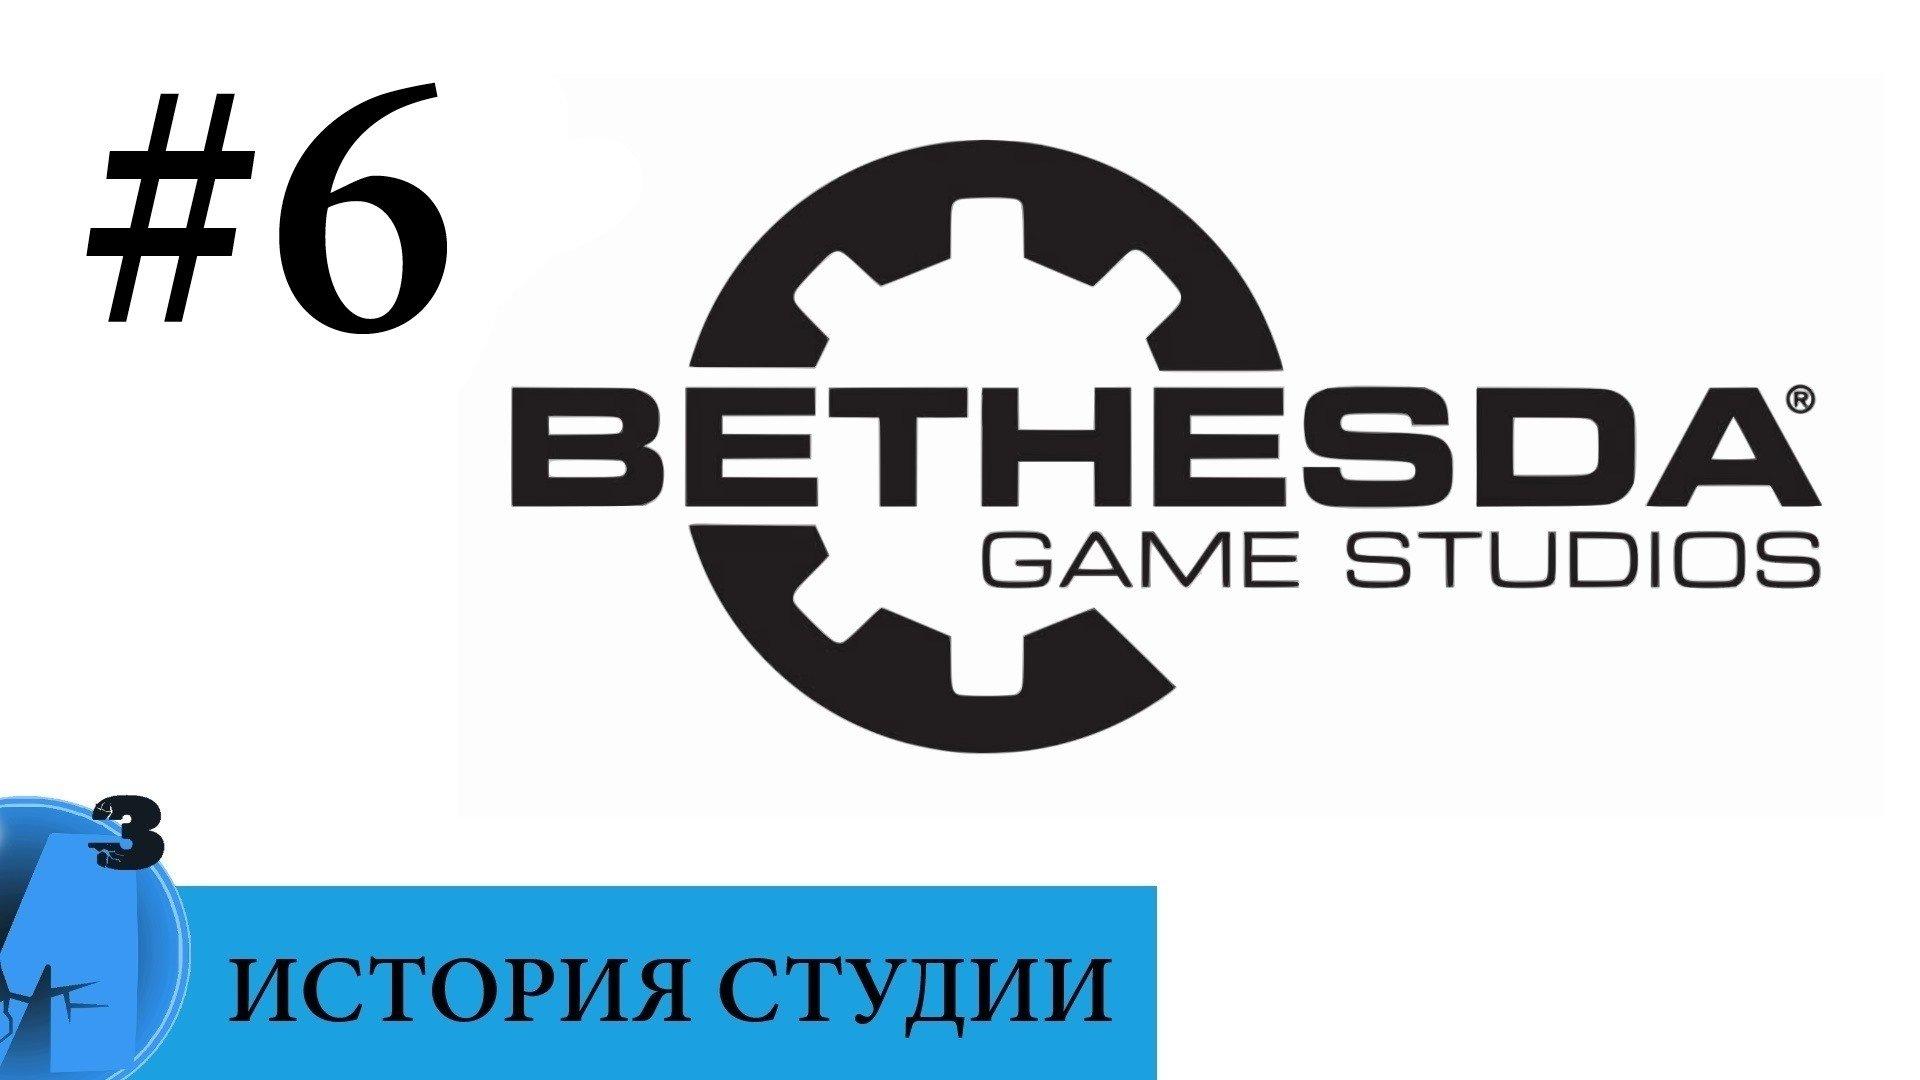 ИИИ - Bethesda Softworks (часть 6). 2011 г. - настоящее время. - Изображение 1